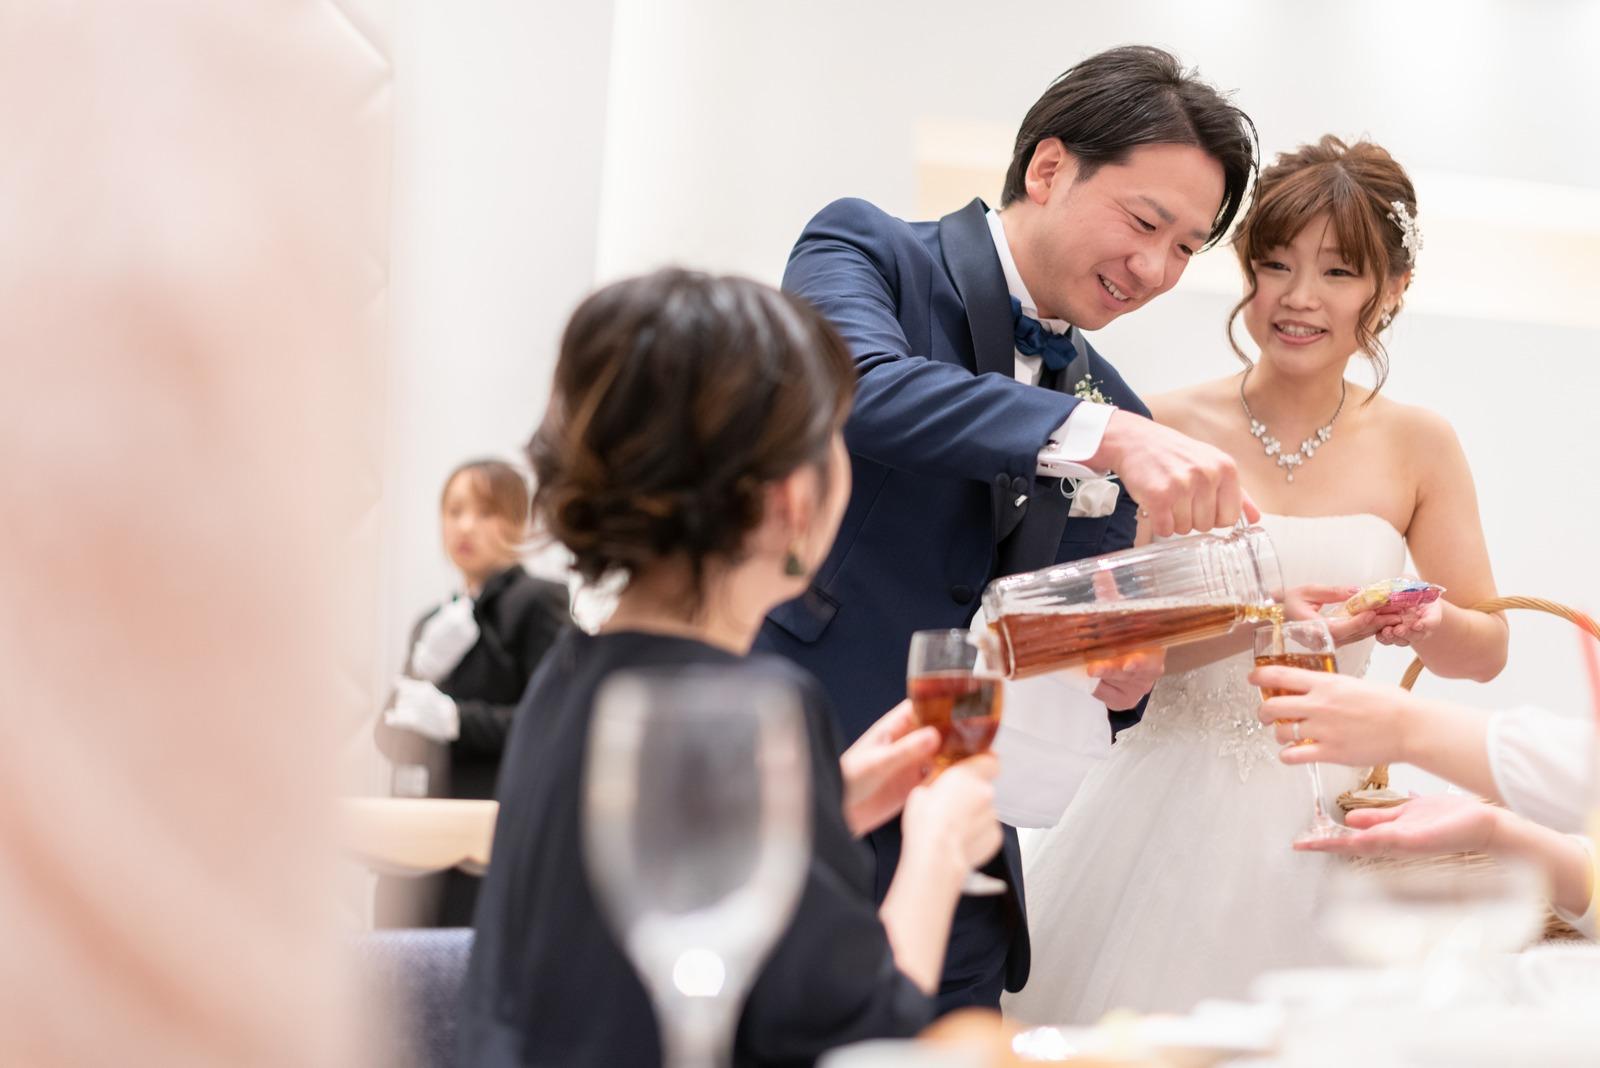 香川県の結婚式場のシェルエメール&アイスタイル お酌まわり